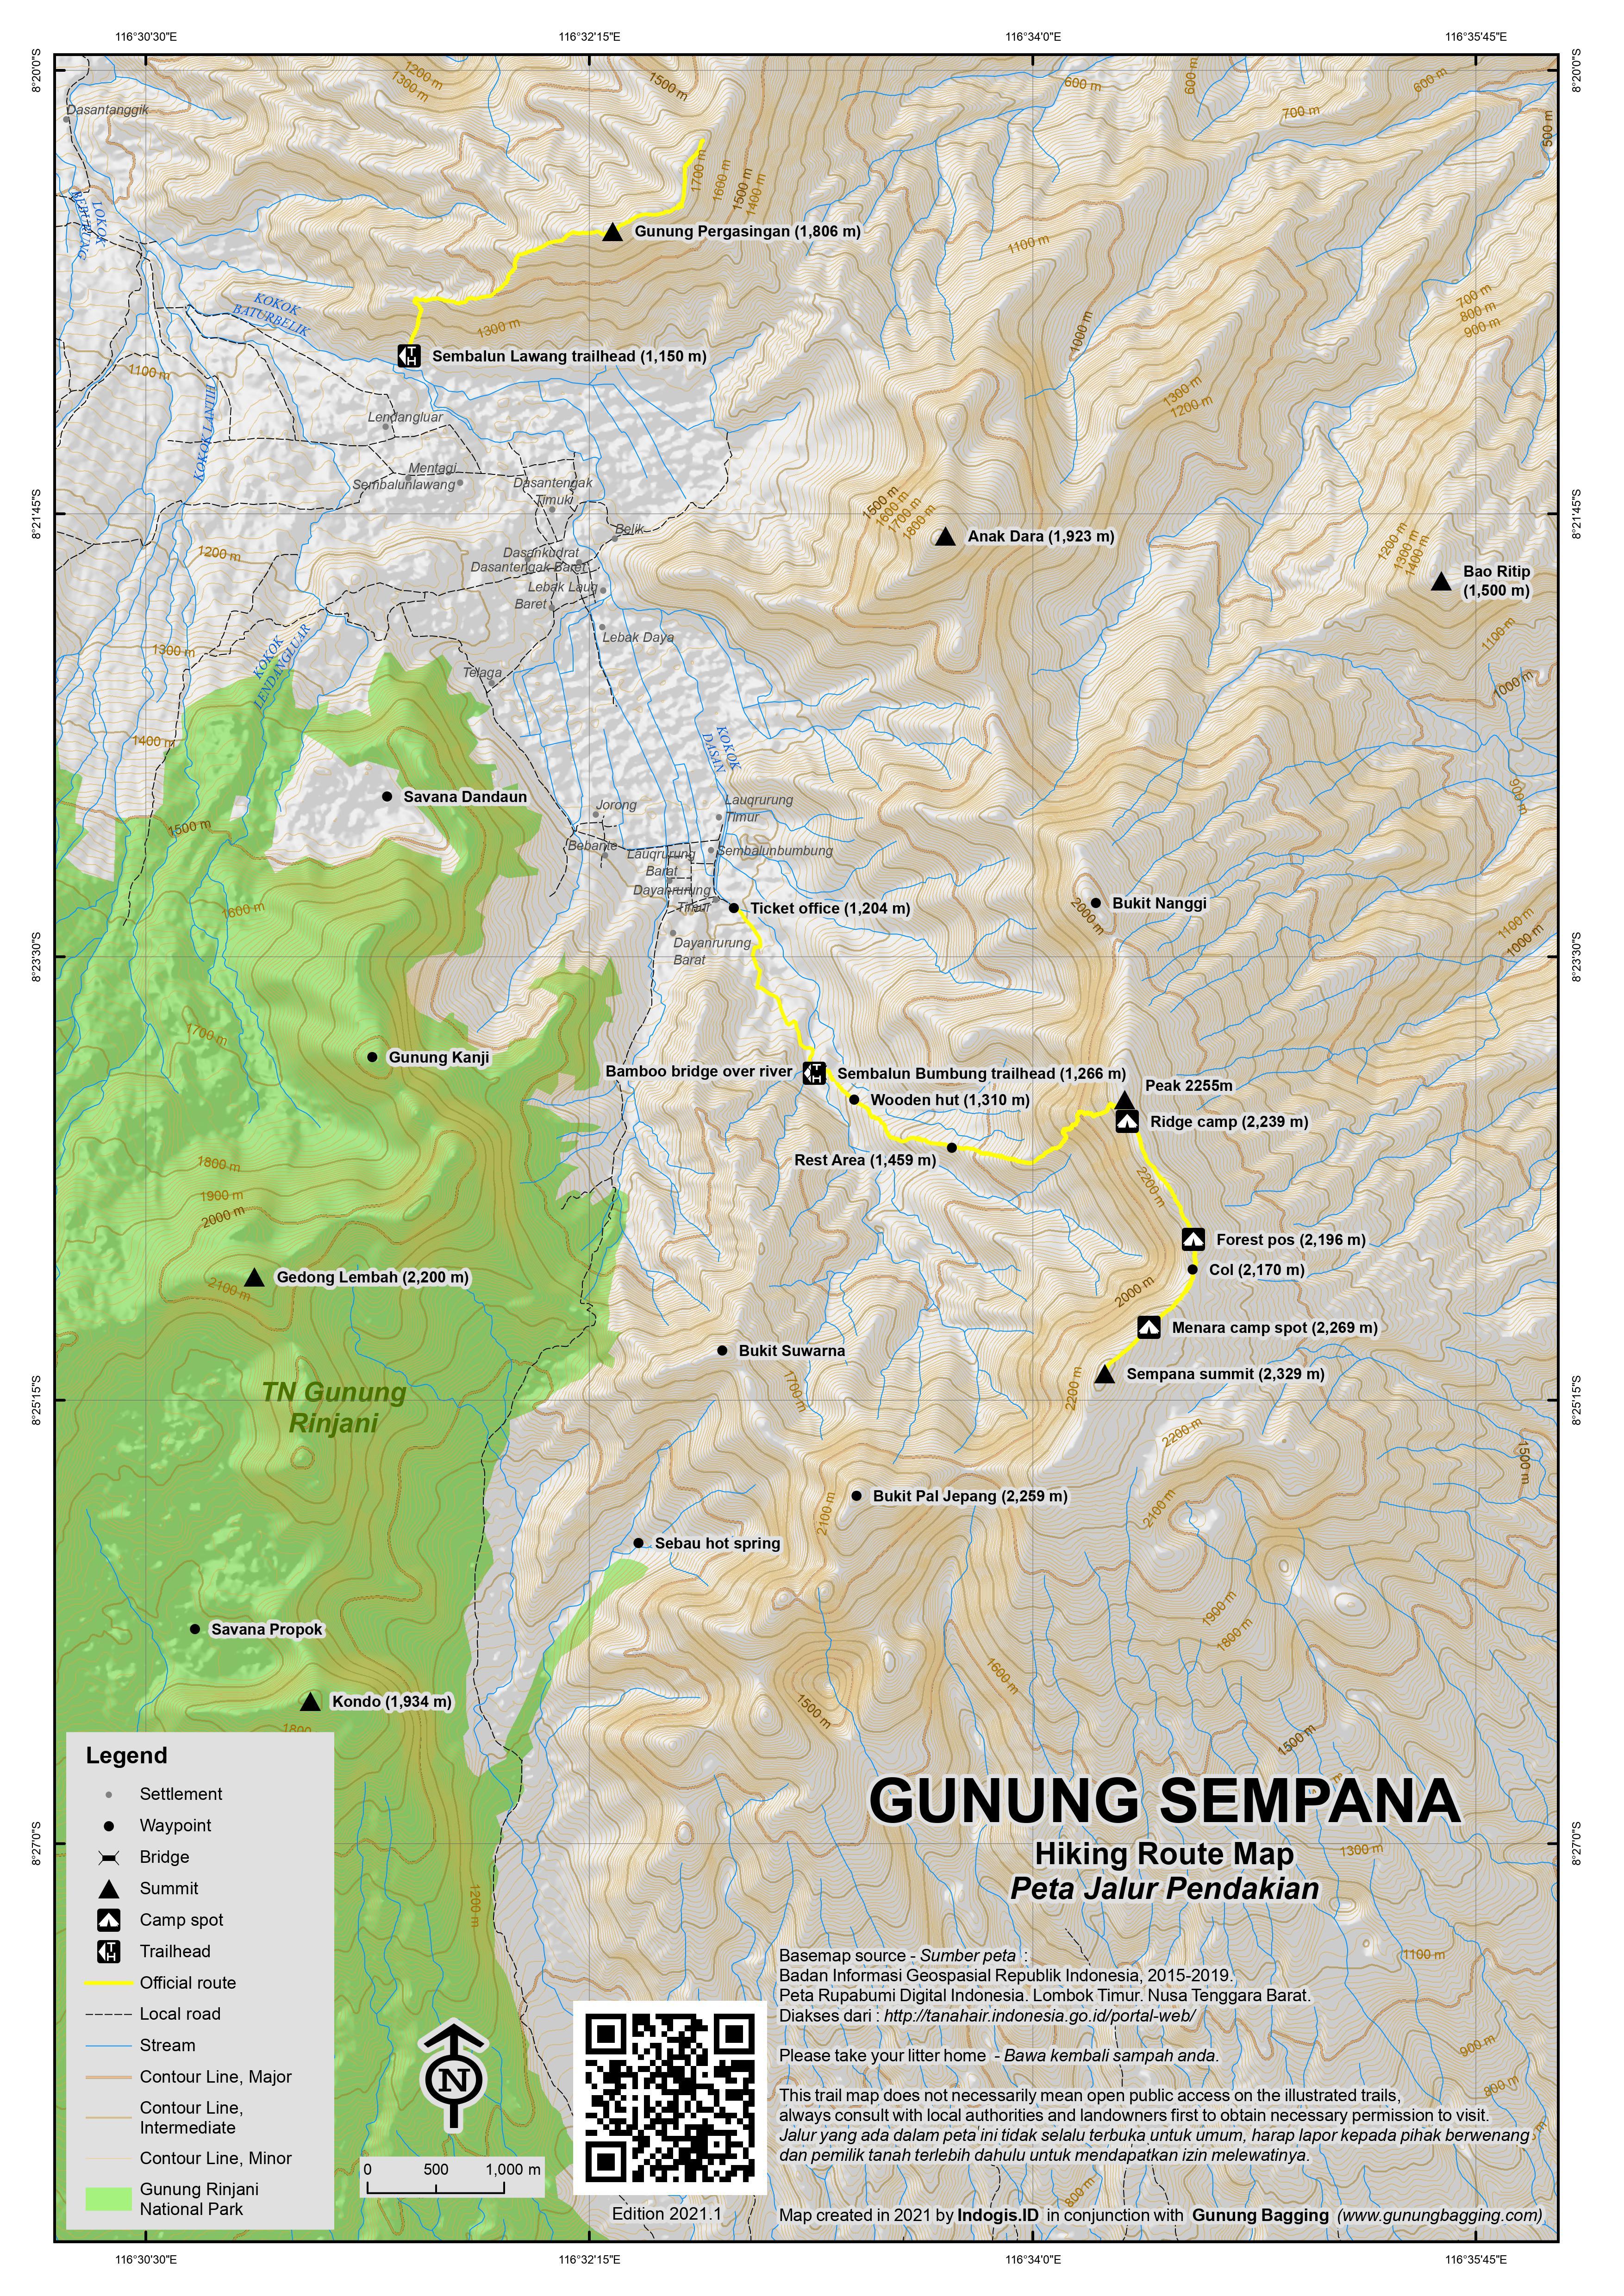 Peta Jalur Pendakian Gunung Sempana